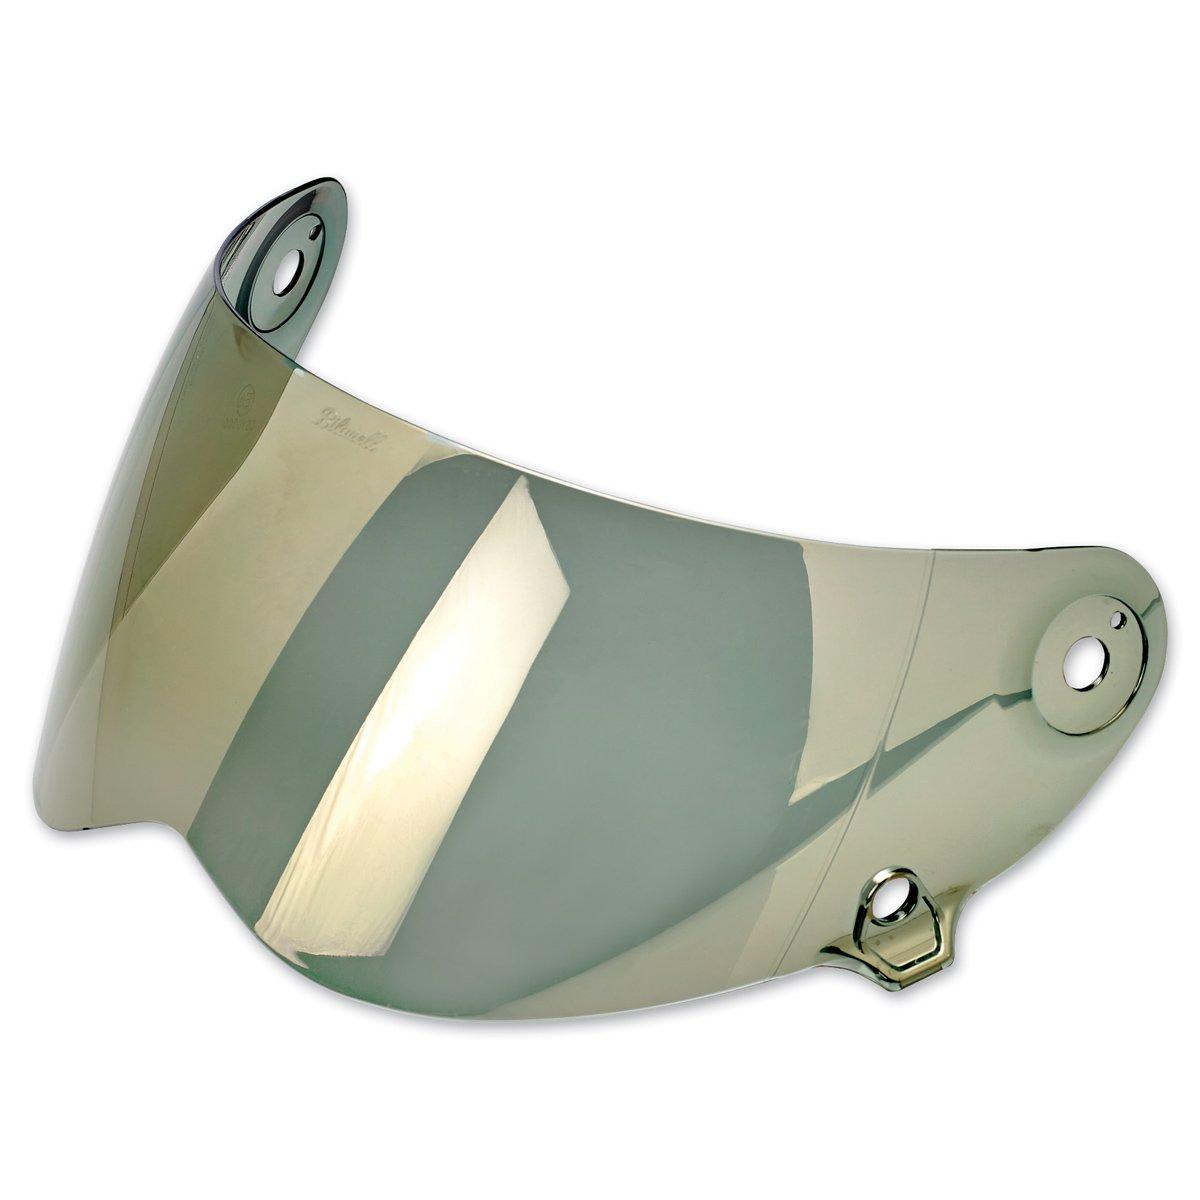 Biltwell Unisex Adult Inc. Lane Splitter Gold Mirror Face Shield FS-GLD-LS-SD